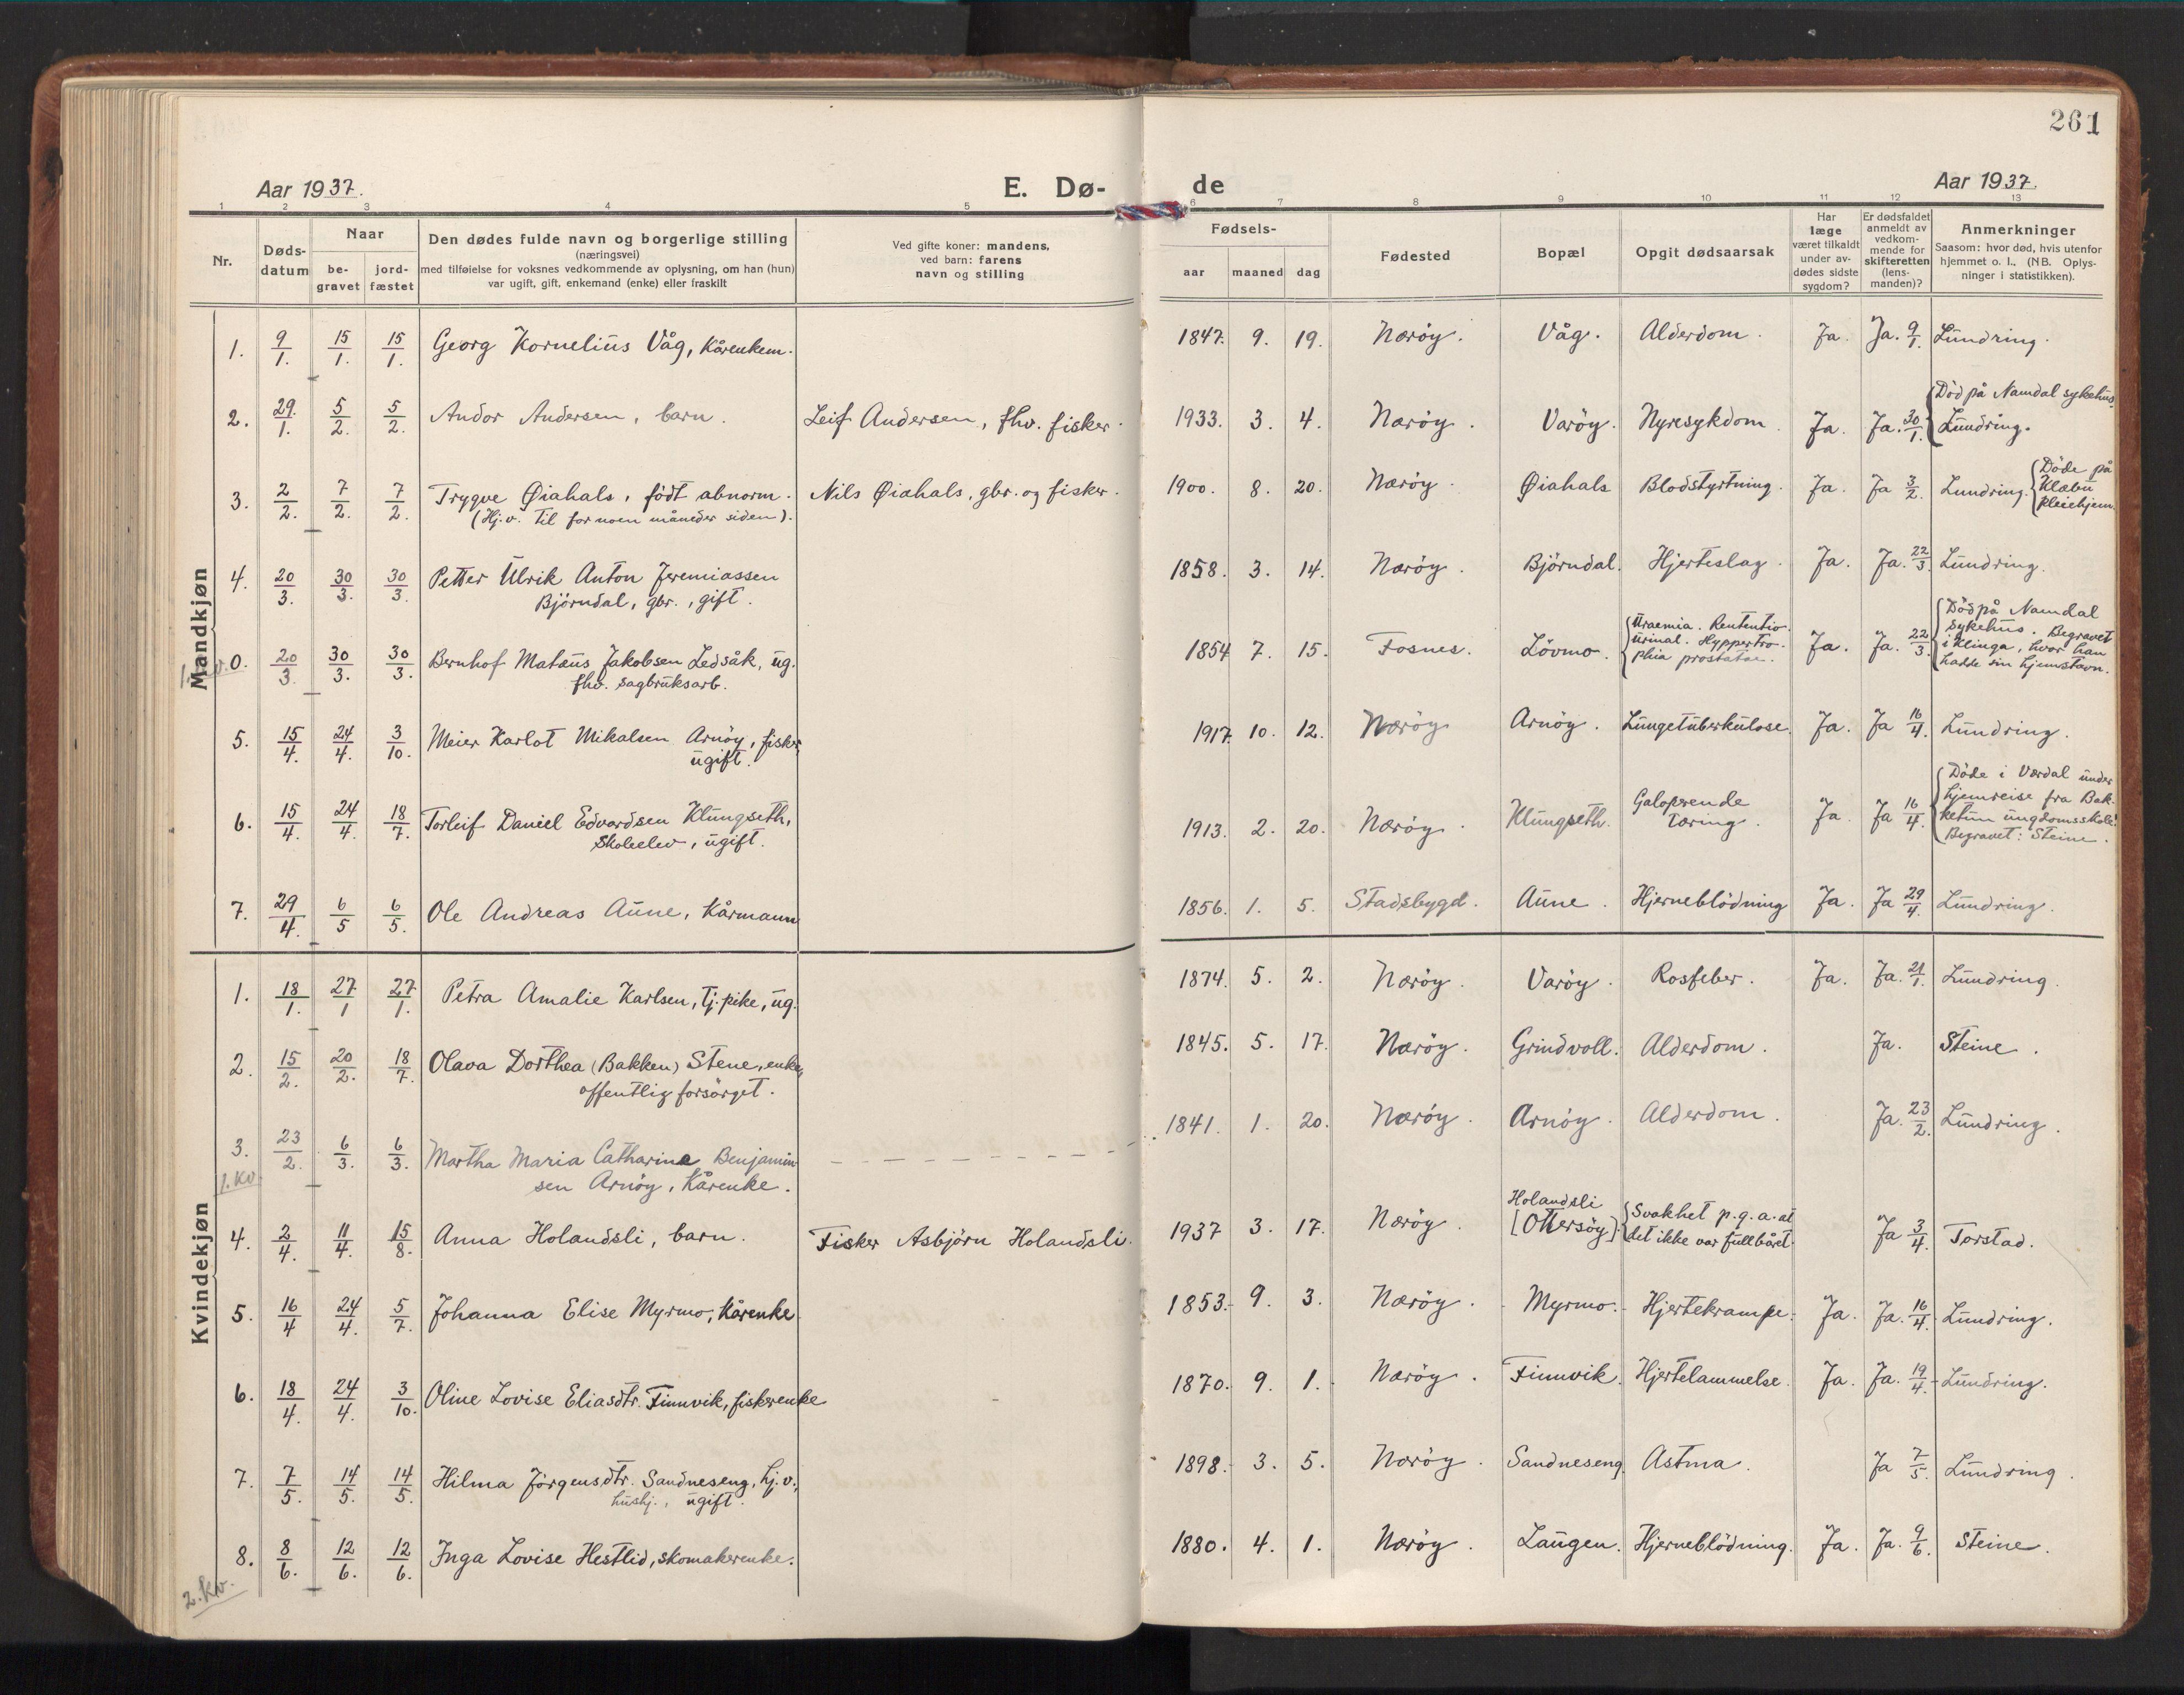 SAT, Ministerialprotokoller, klokkerbøker og fødselsregistre - Nord-Trøndelag, 784/L0678: Ministerialbok nr. 784A13, 1921-1938, s. 261